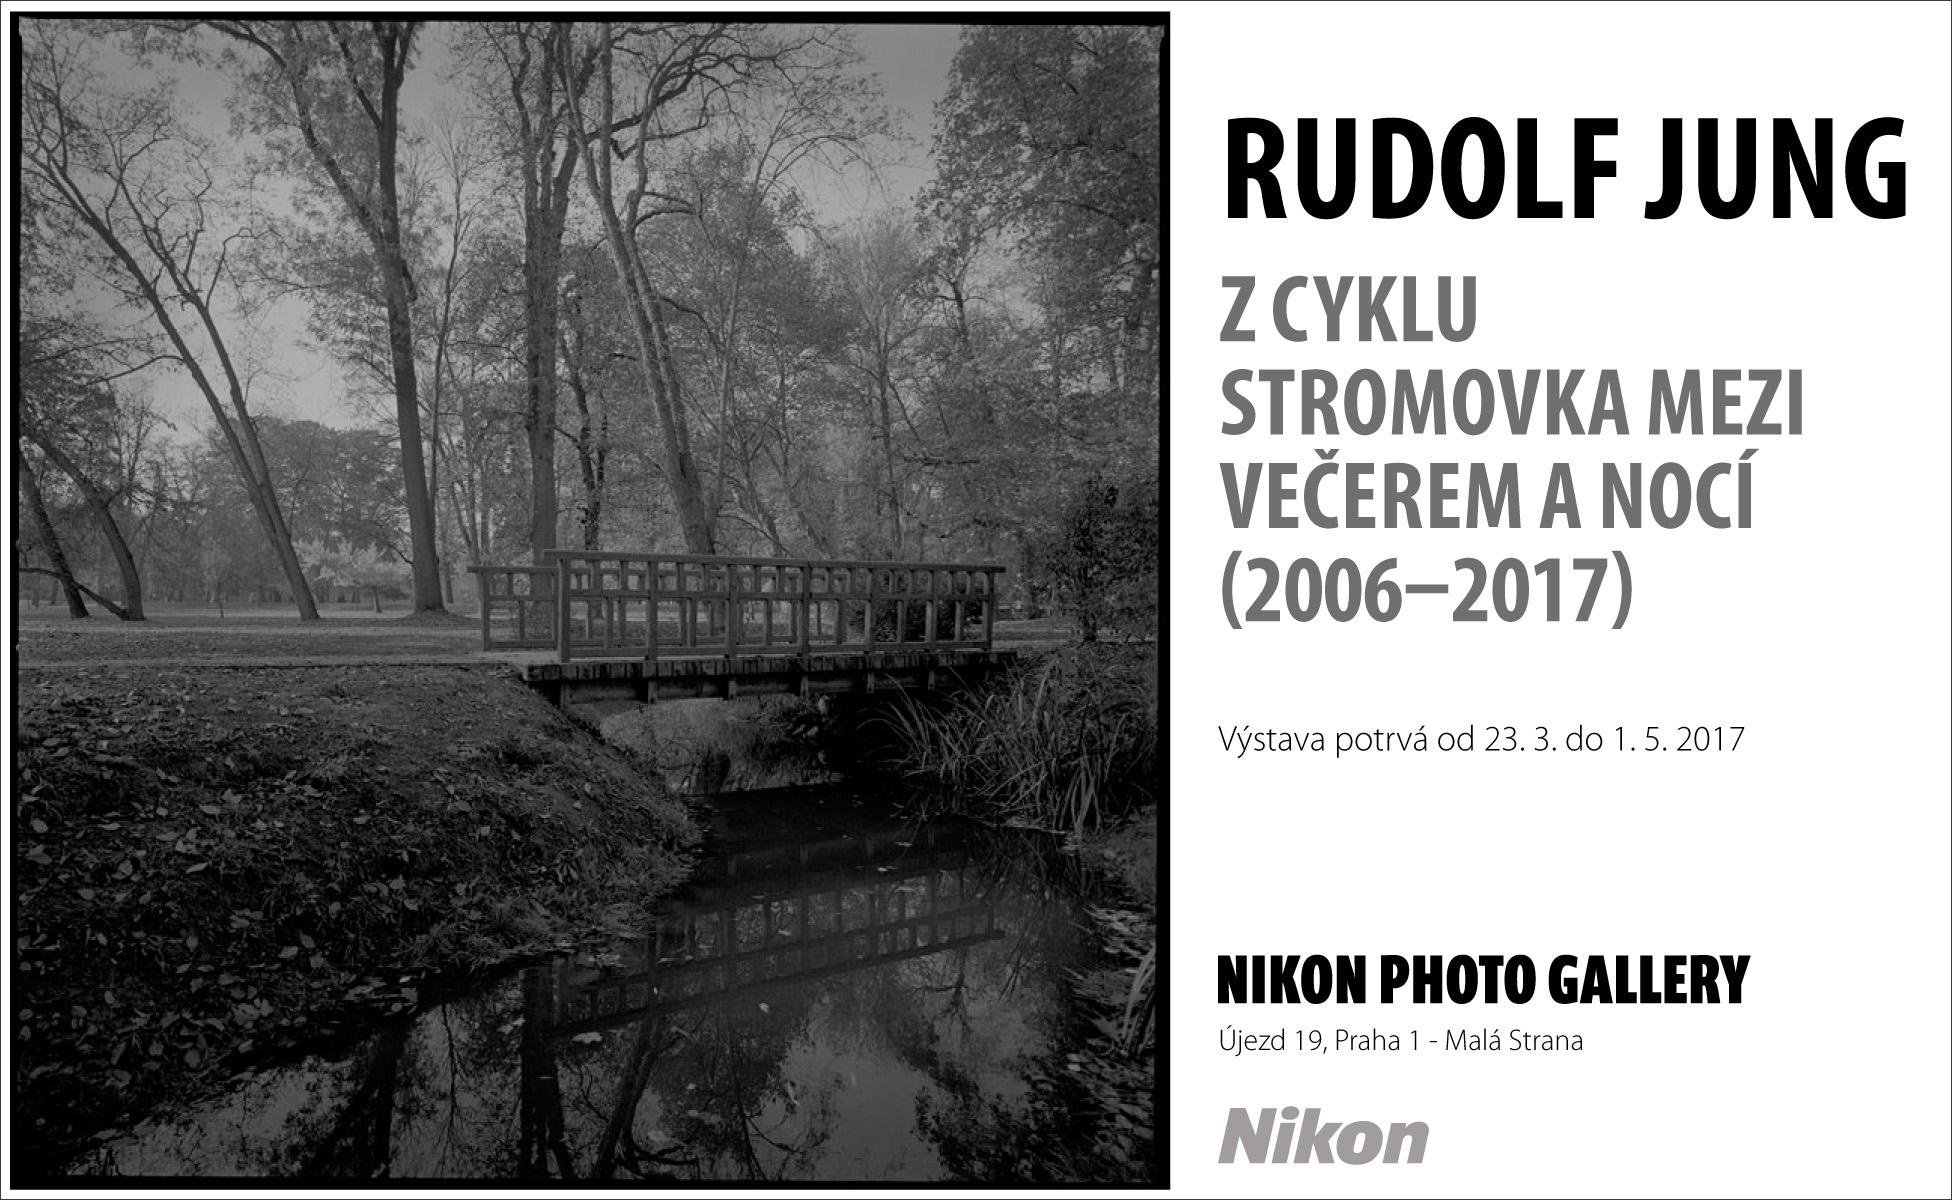 """""""Když chci něco říct, řeknu to takhle."""" Výstava fotografií Rudolfa Junga v Nikon Photo Gallery"""